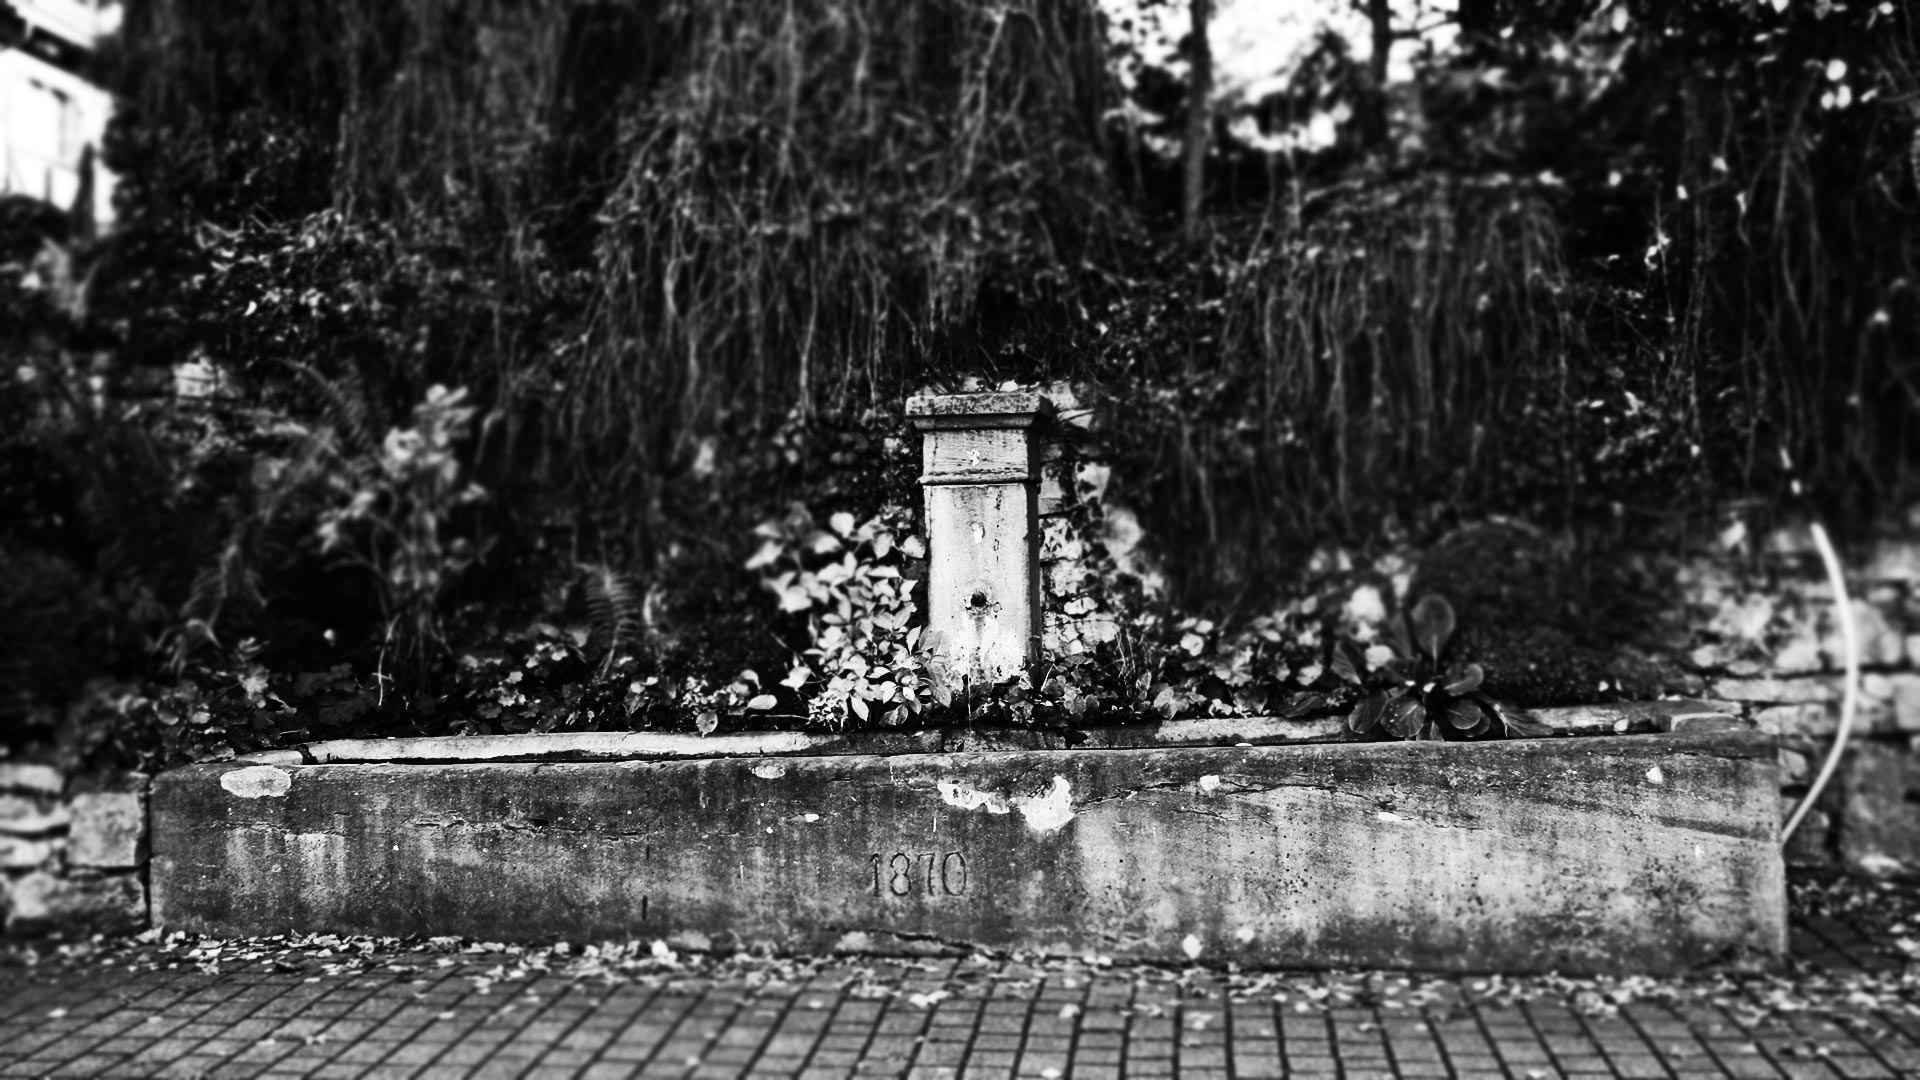 FOTOAUFNAHMEN FÜR EBRINGER BRUNNENWEG - Fotoschau DeWo Werbeagentur Gitti Scharfenberg #1